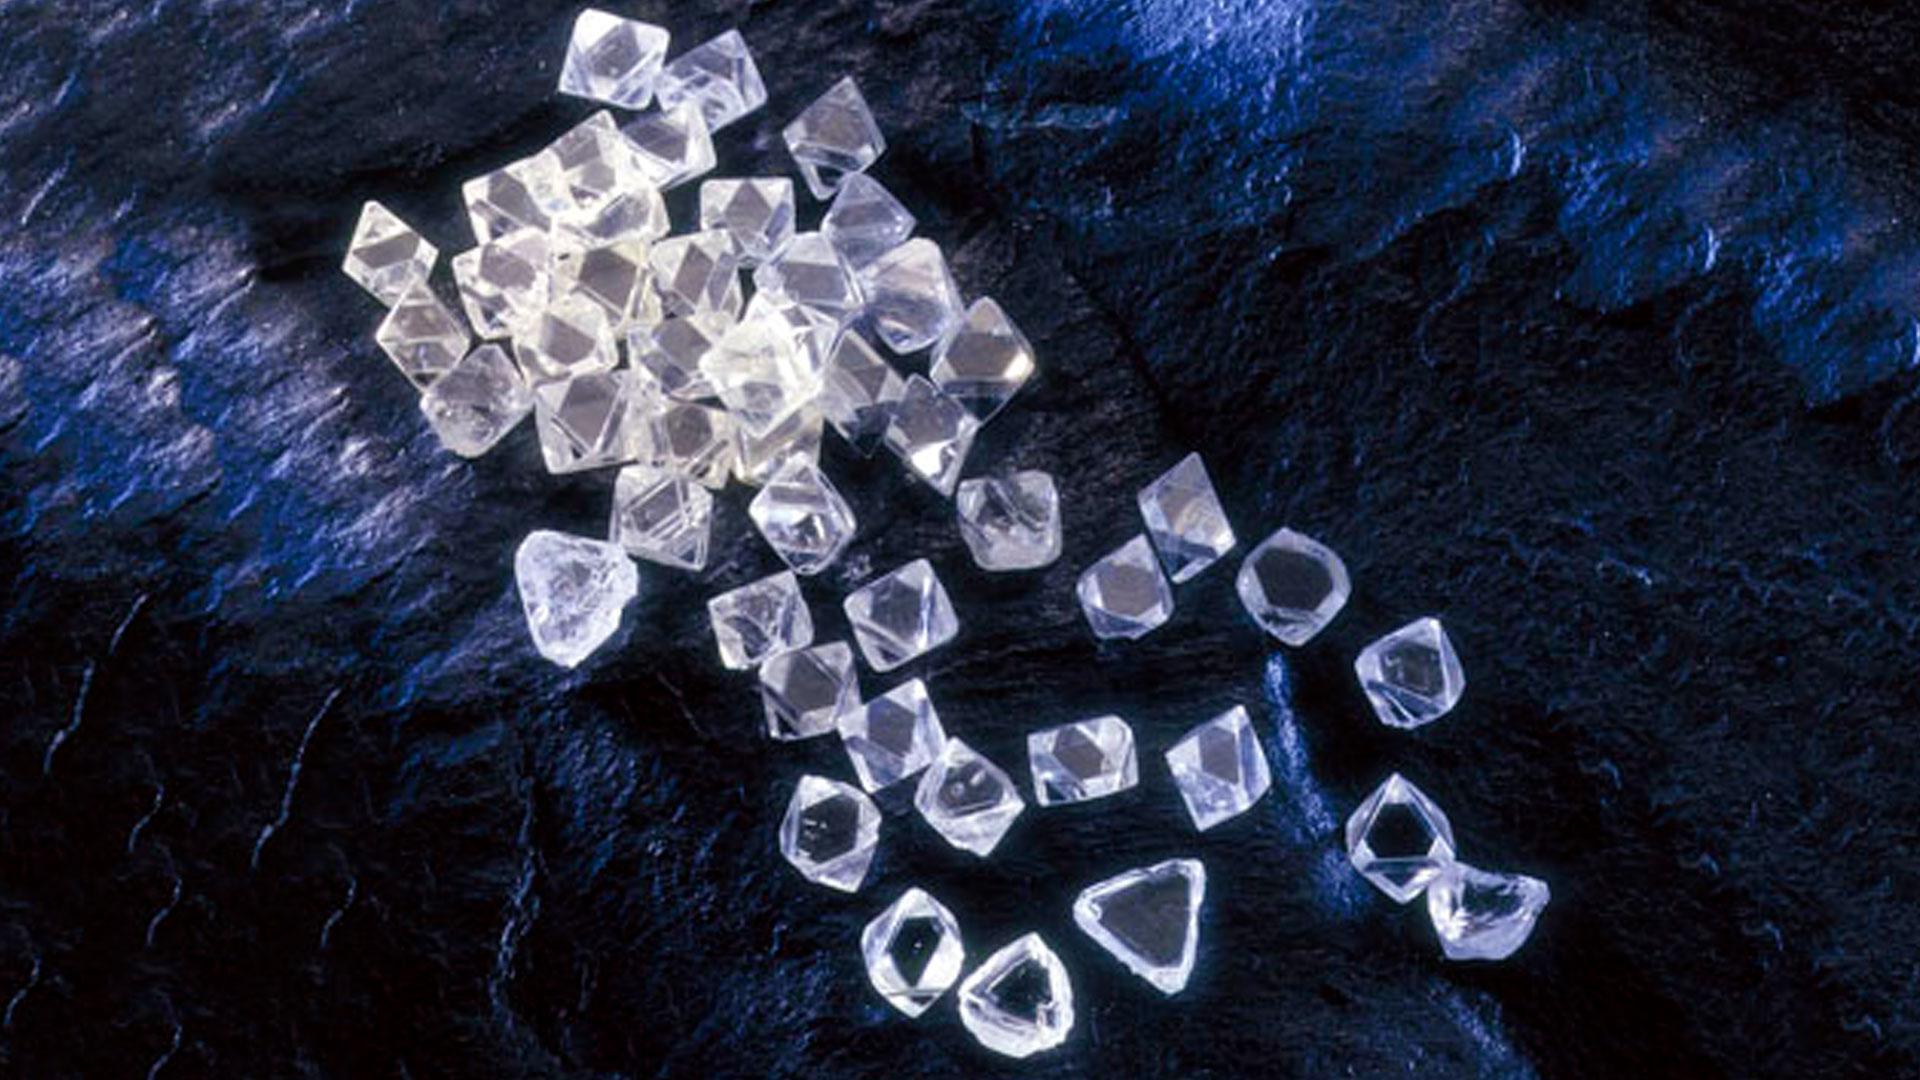 A principios de 1900, De Beers controlaba alrededor del 90 por ciento de la producción mundial de diamantes en bruto. - Cortesía de Beers